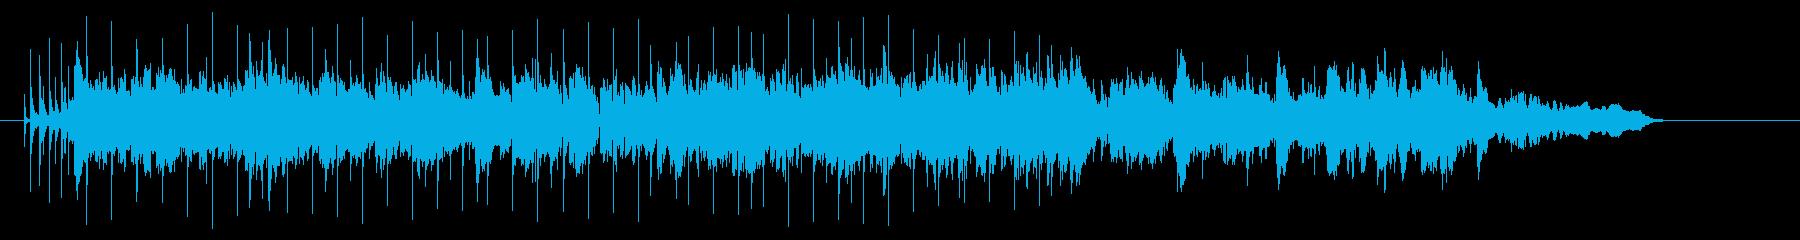 柔軟で軽快なアーバン・コテンポラリーの再生済みの波形